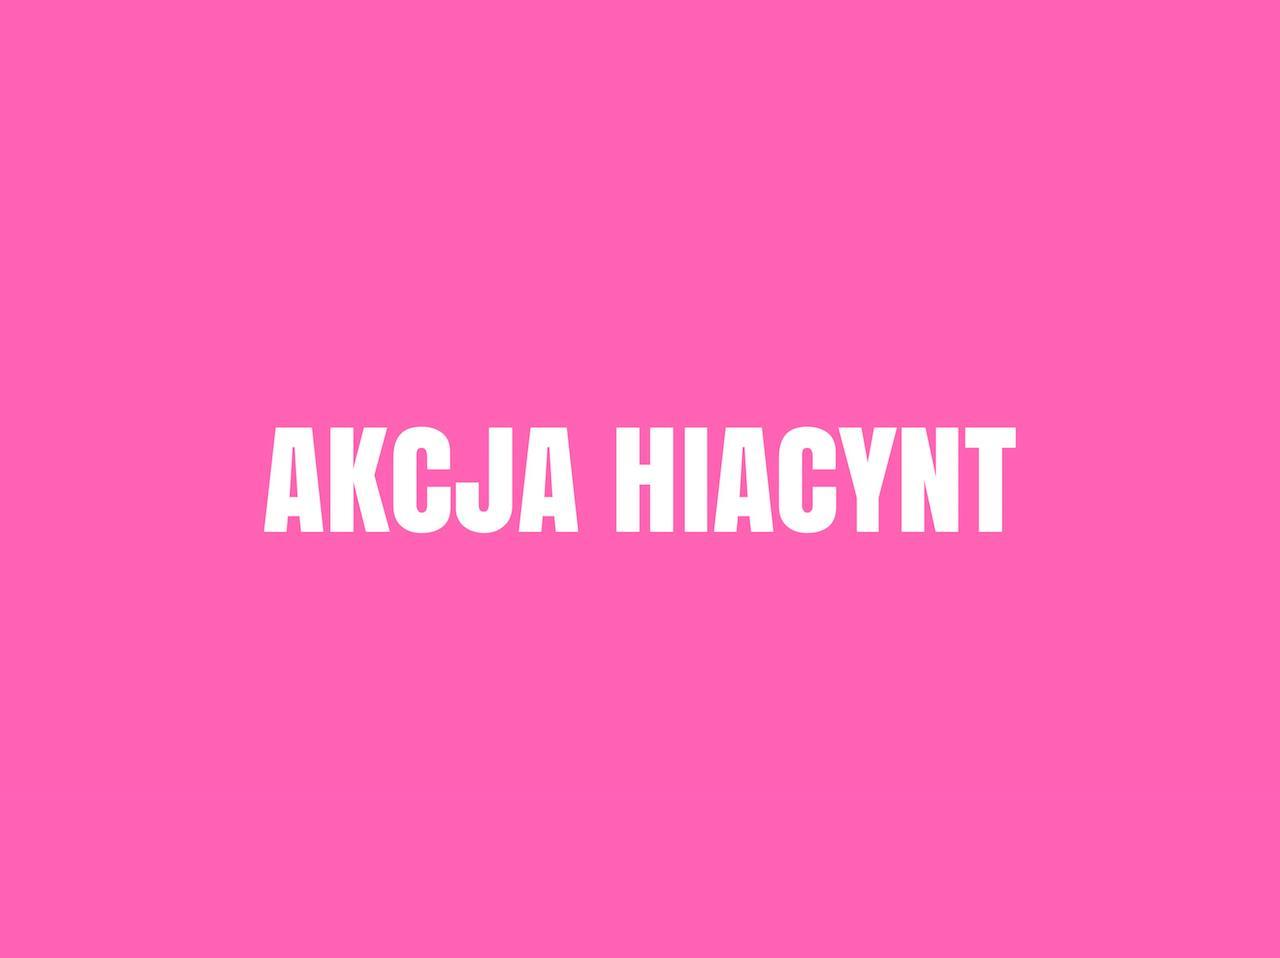 akcja-hiacynt-page-001